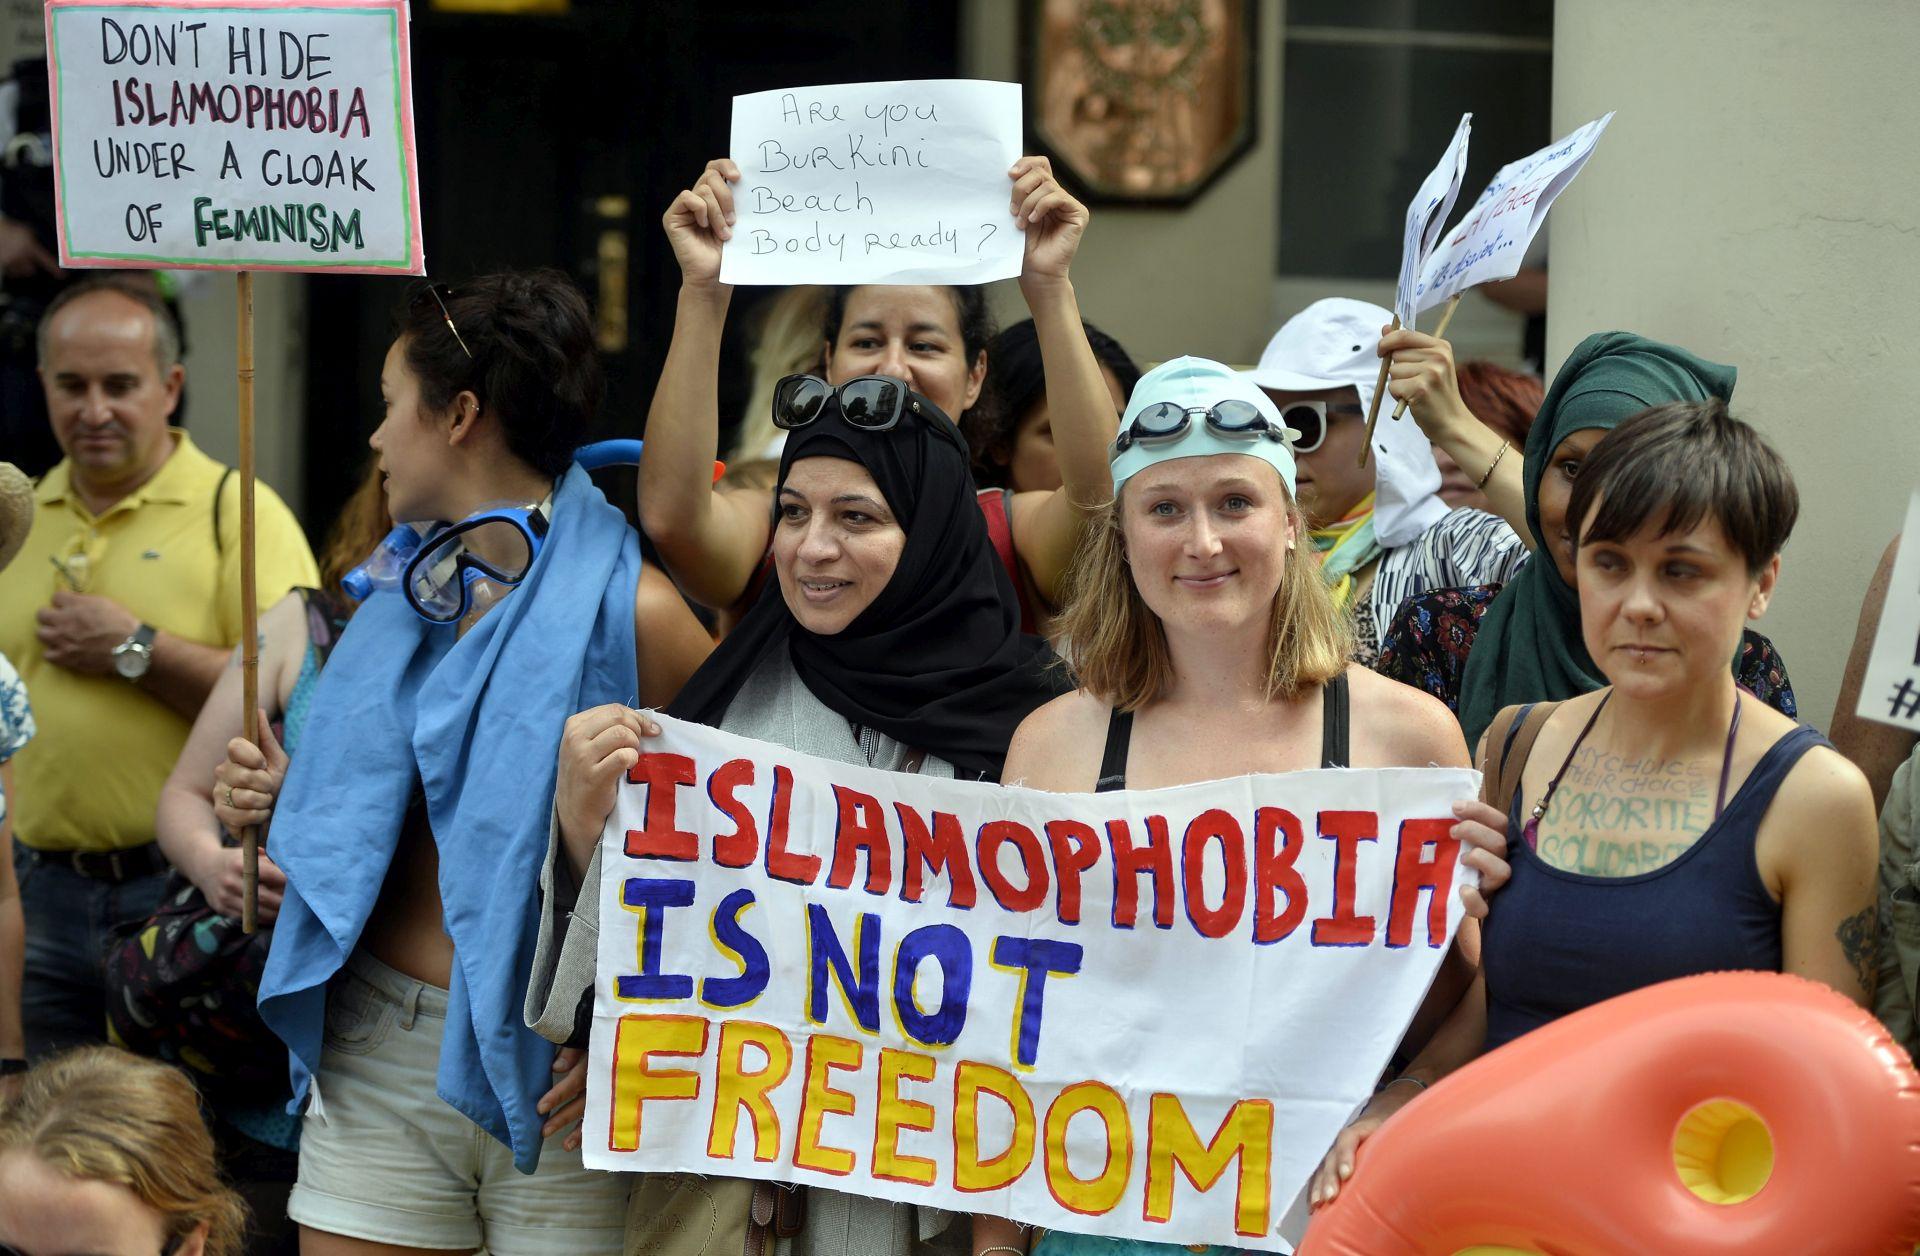 REZULTAT ANKETE: Više od 70 posto Švicaraca za zabranu nošenja burki